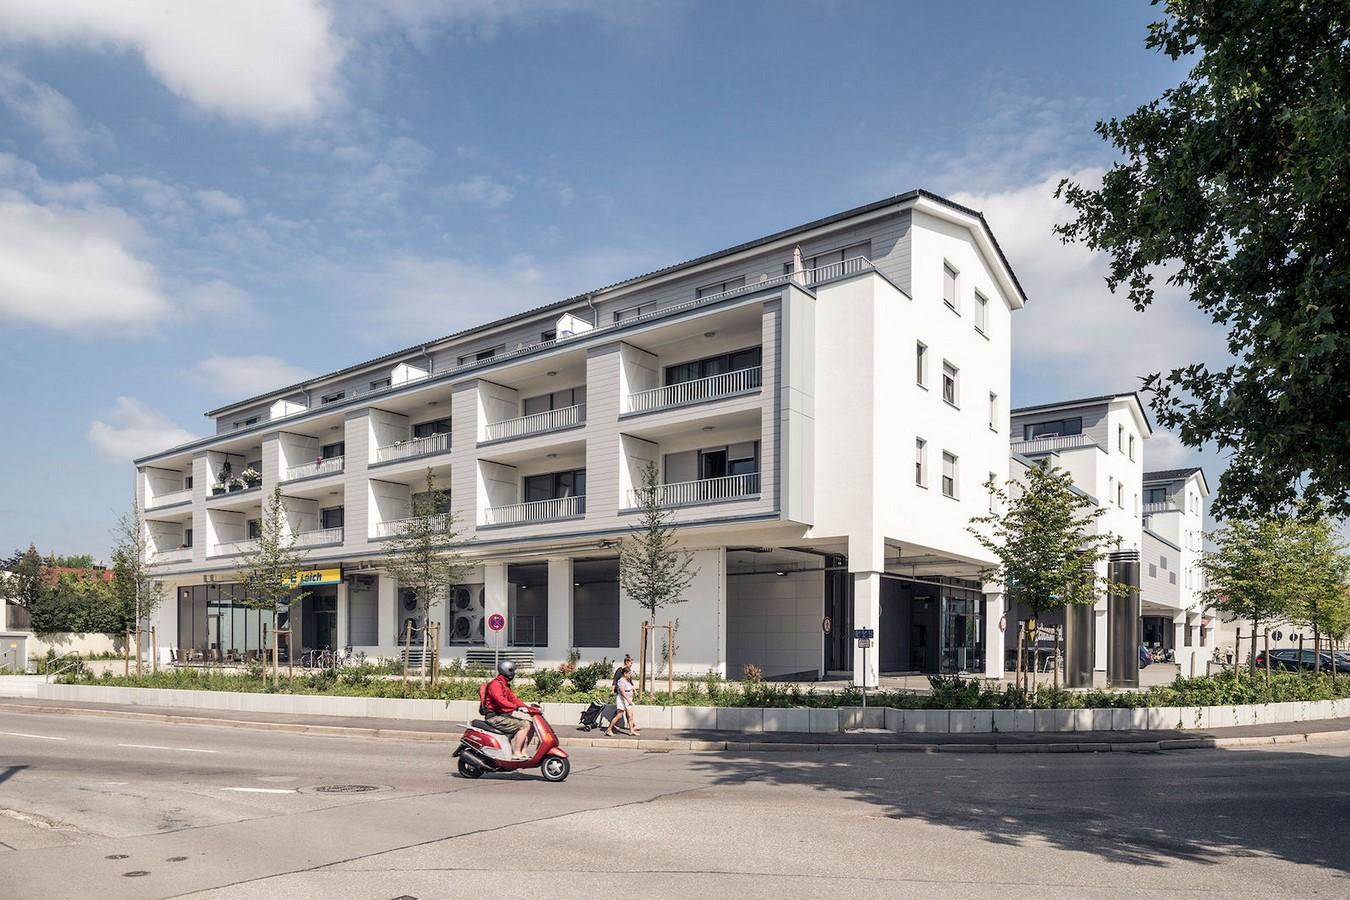 Architects in Hannover - Top 60 Architects in Hannover - Sheet59